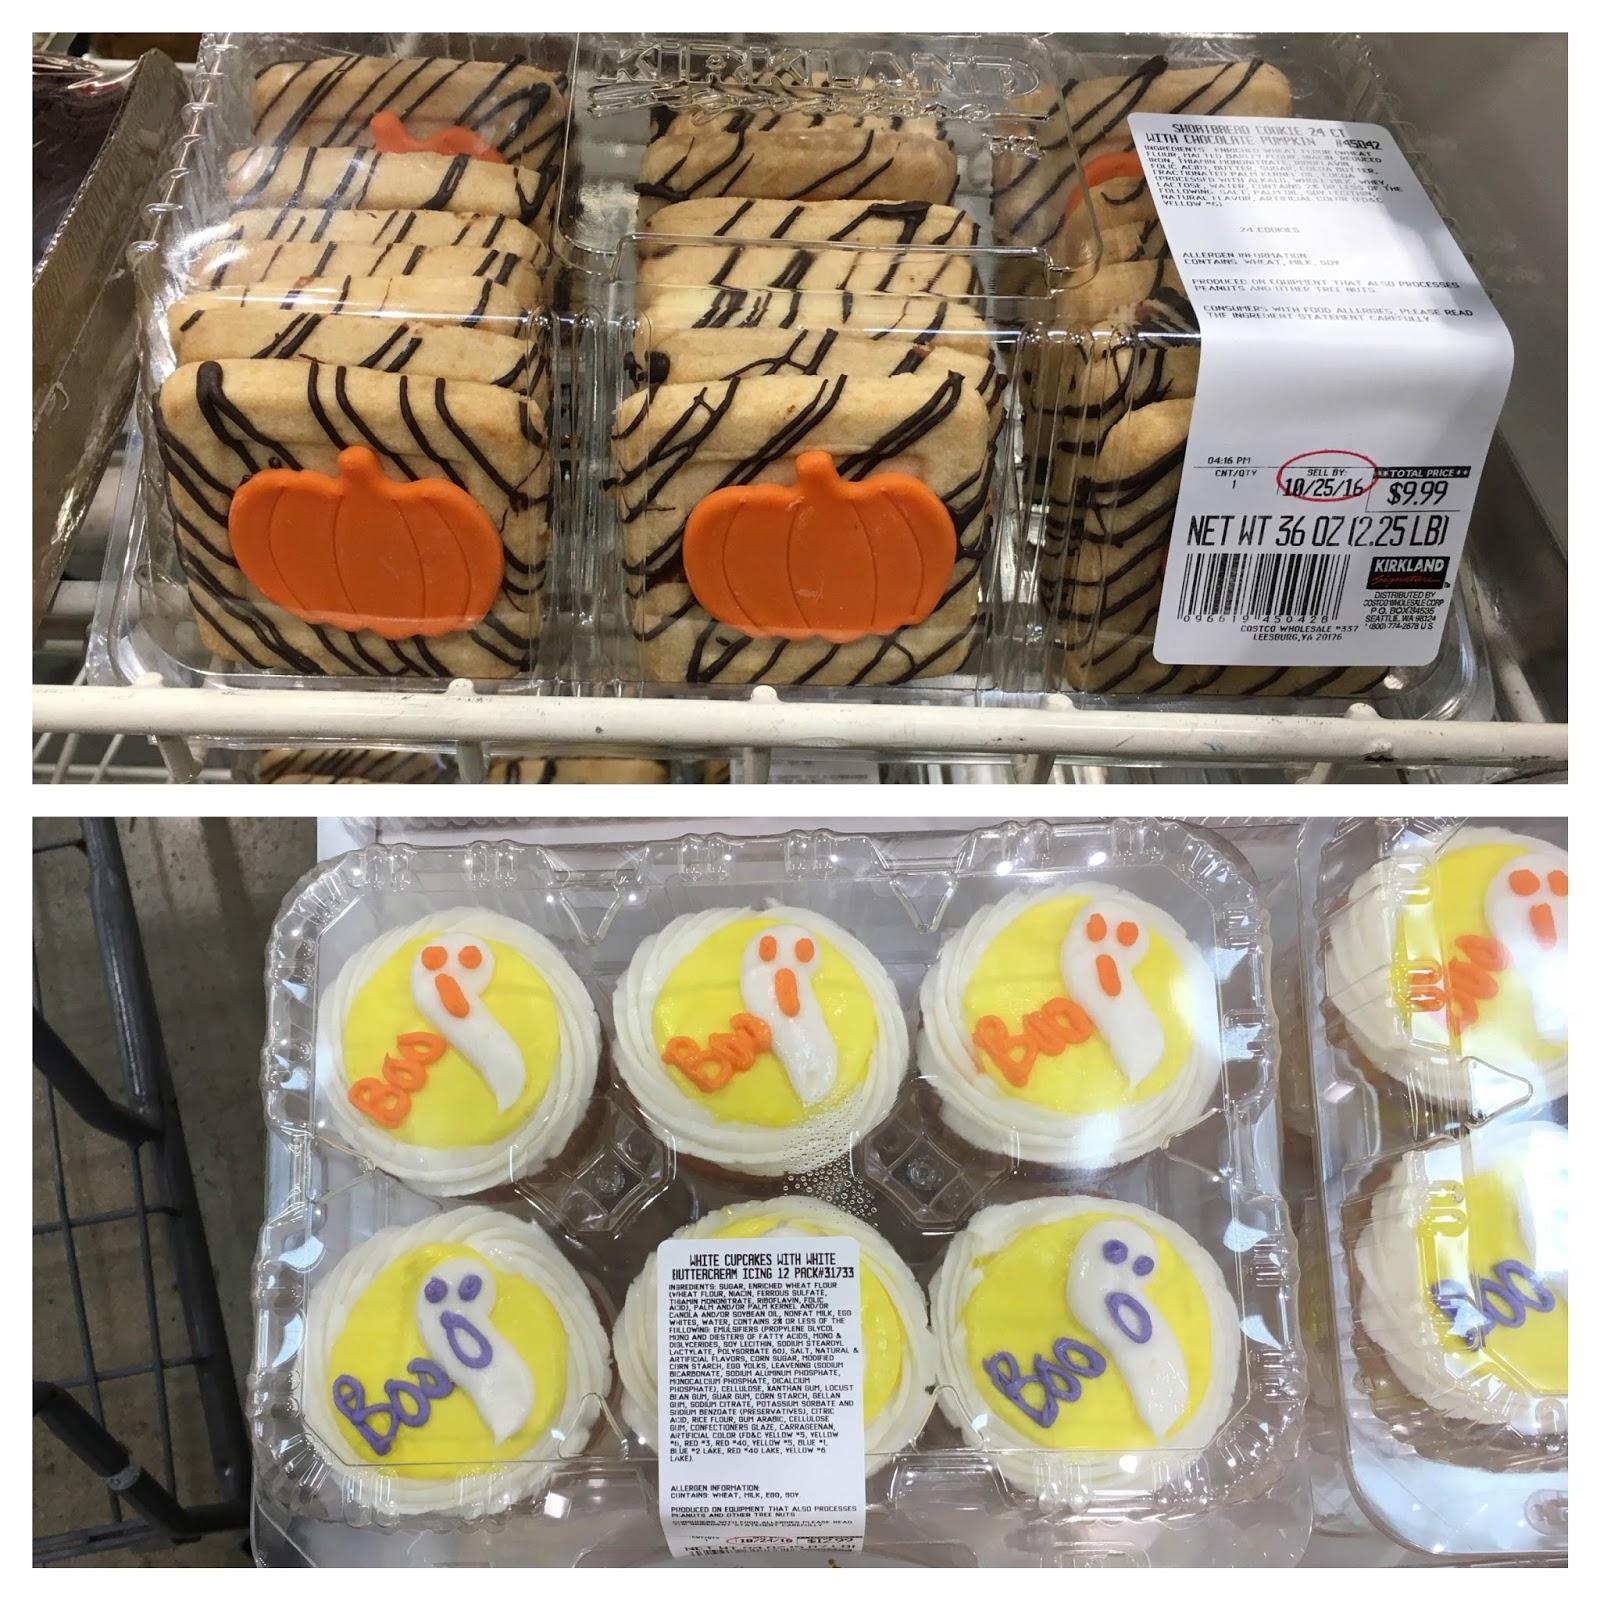 Costco Halloween Cupcakes